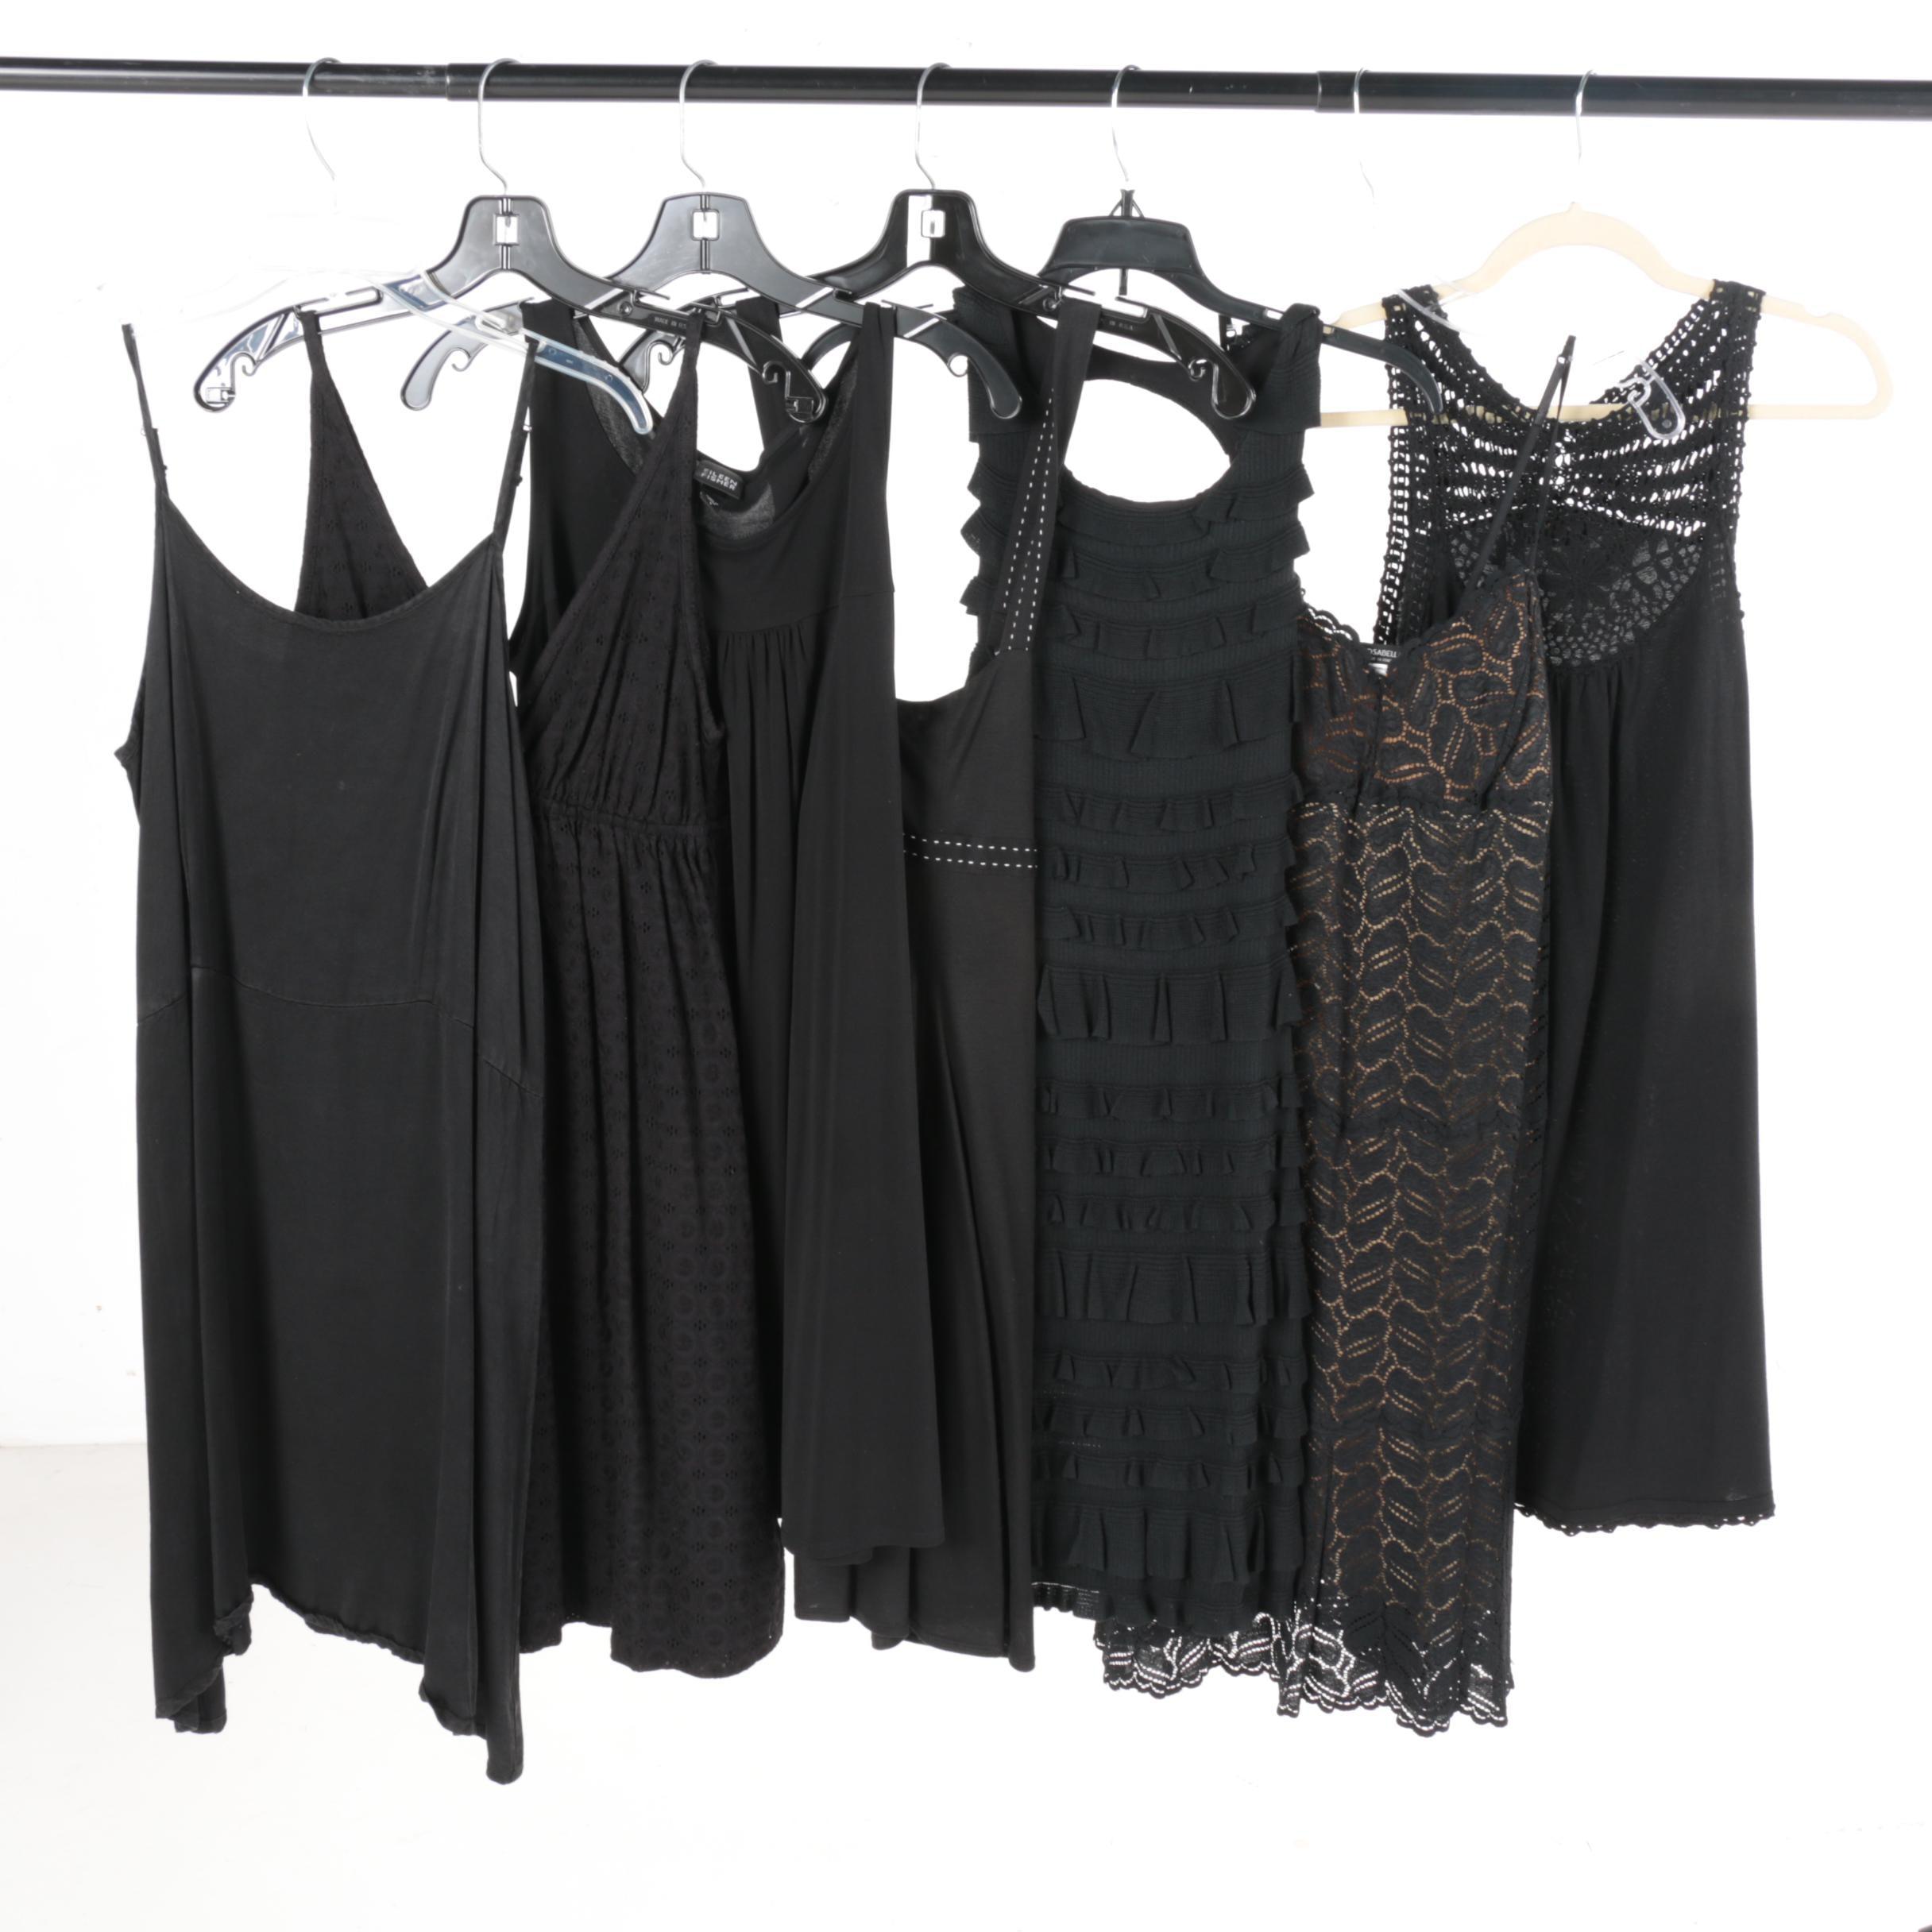 Women's Dresses Including BCBG Max Azria